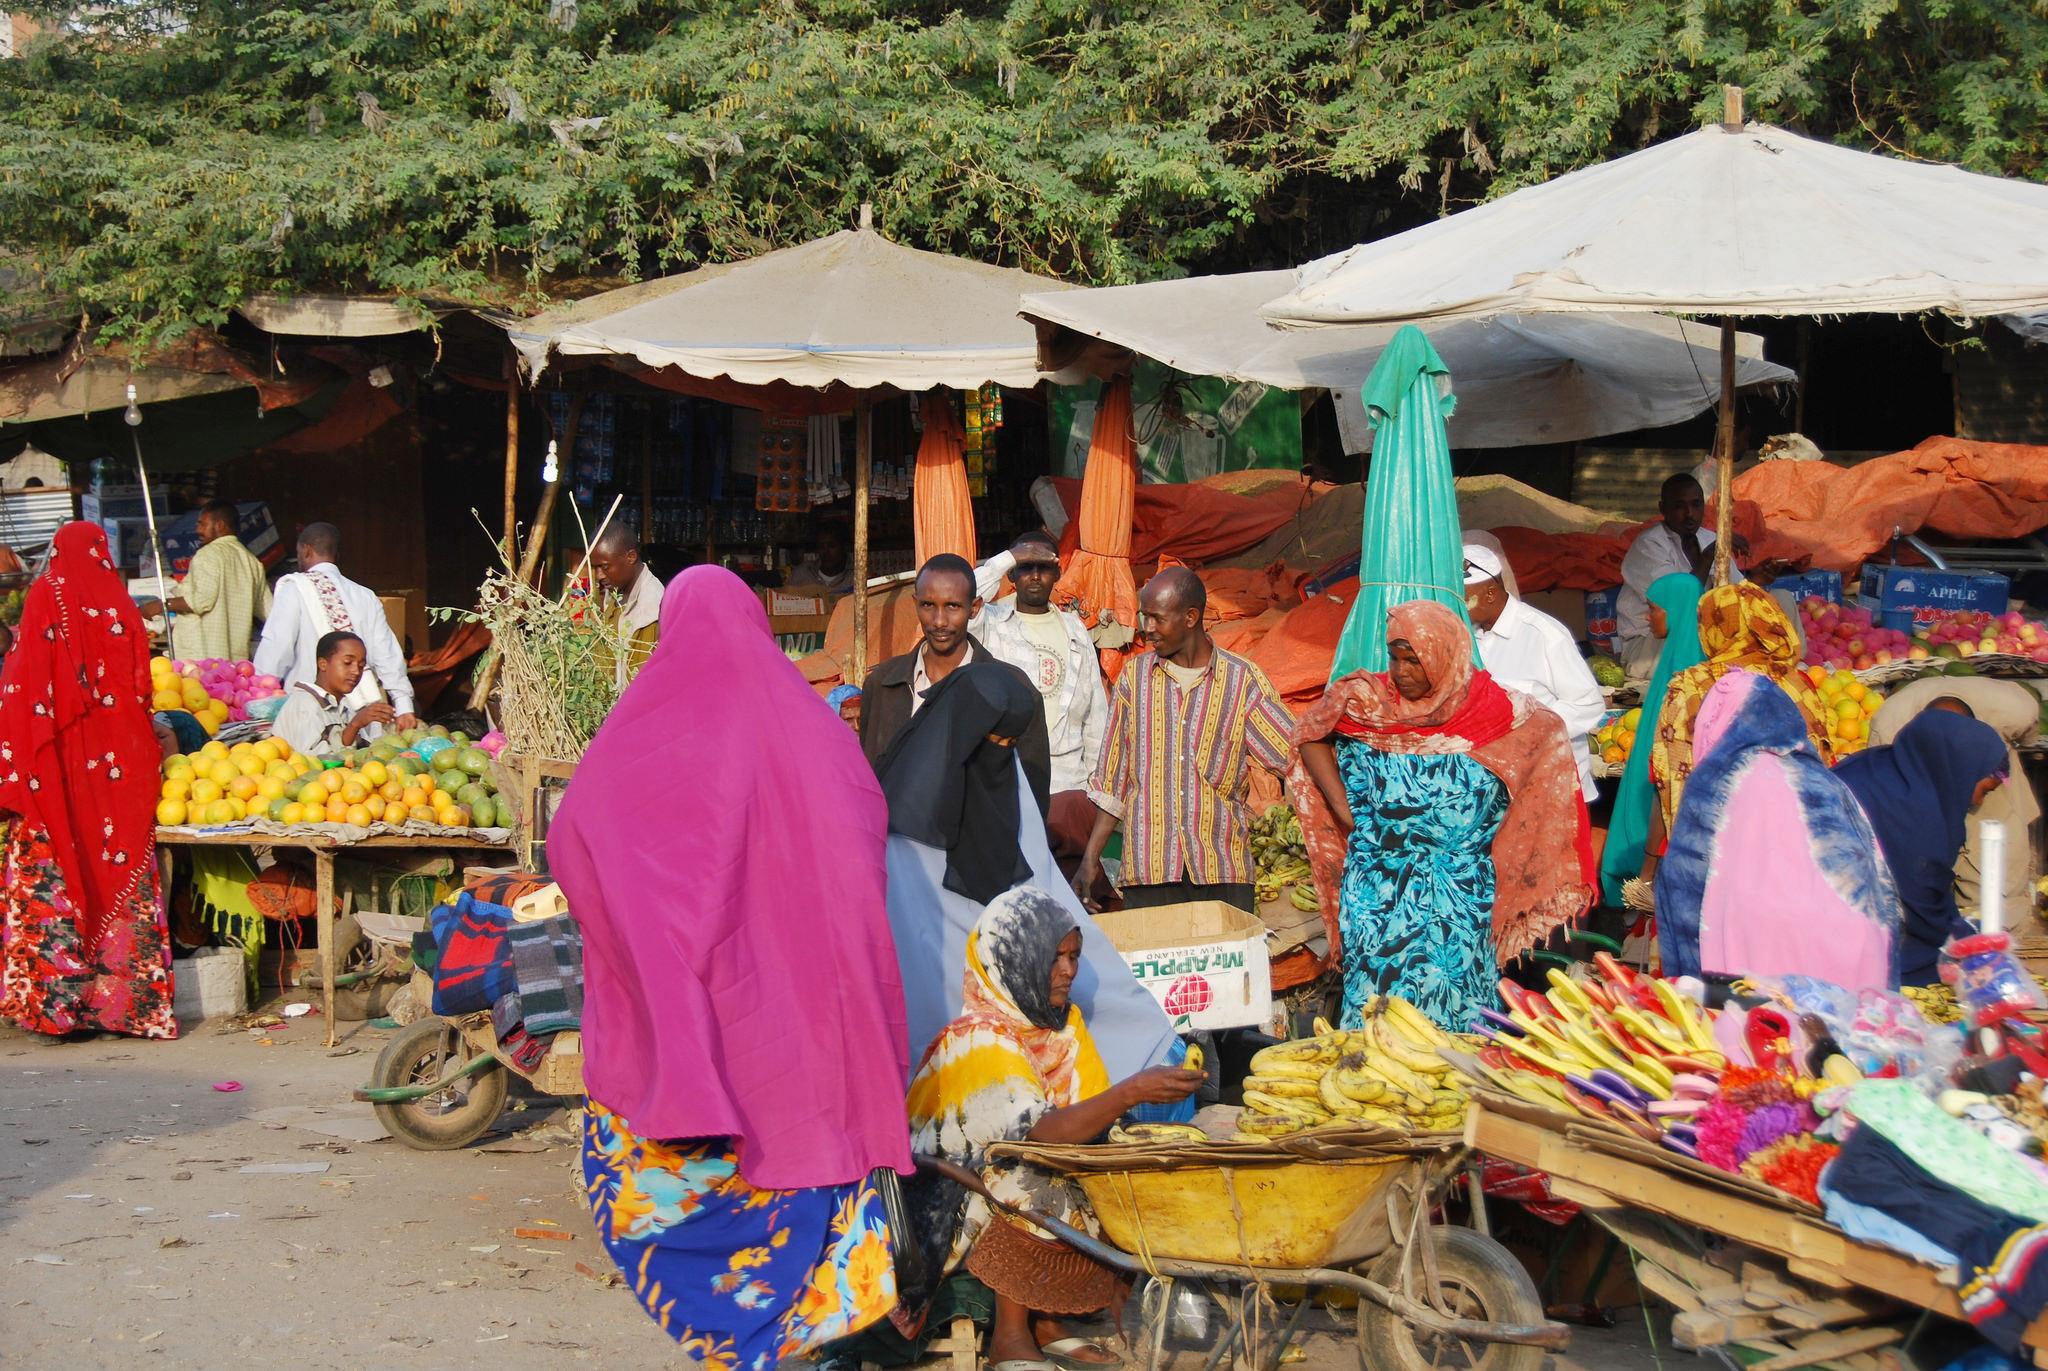 ソマリア全都市